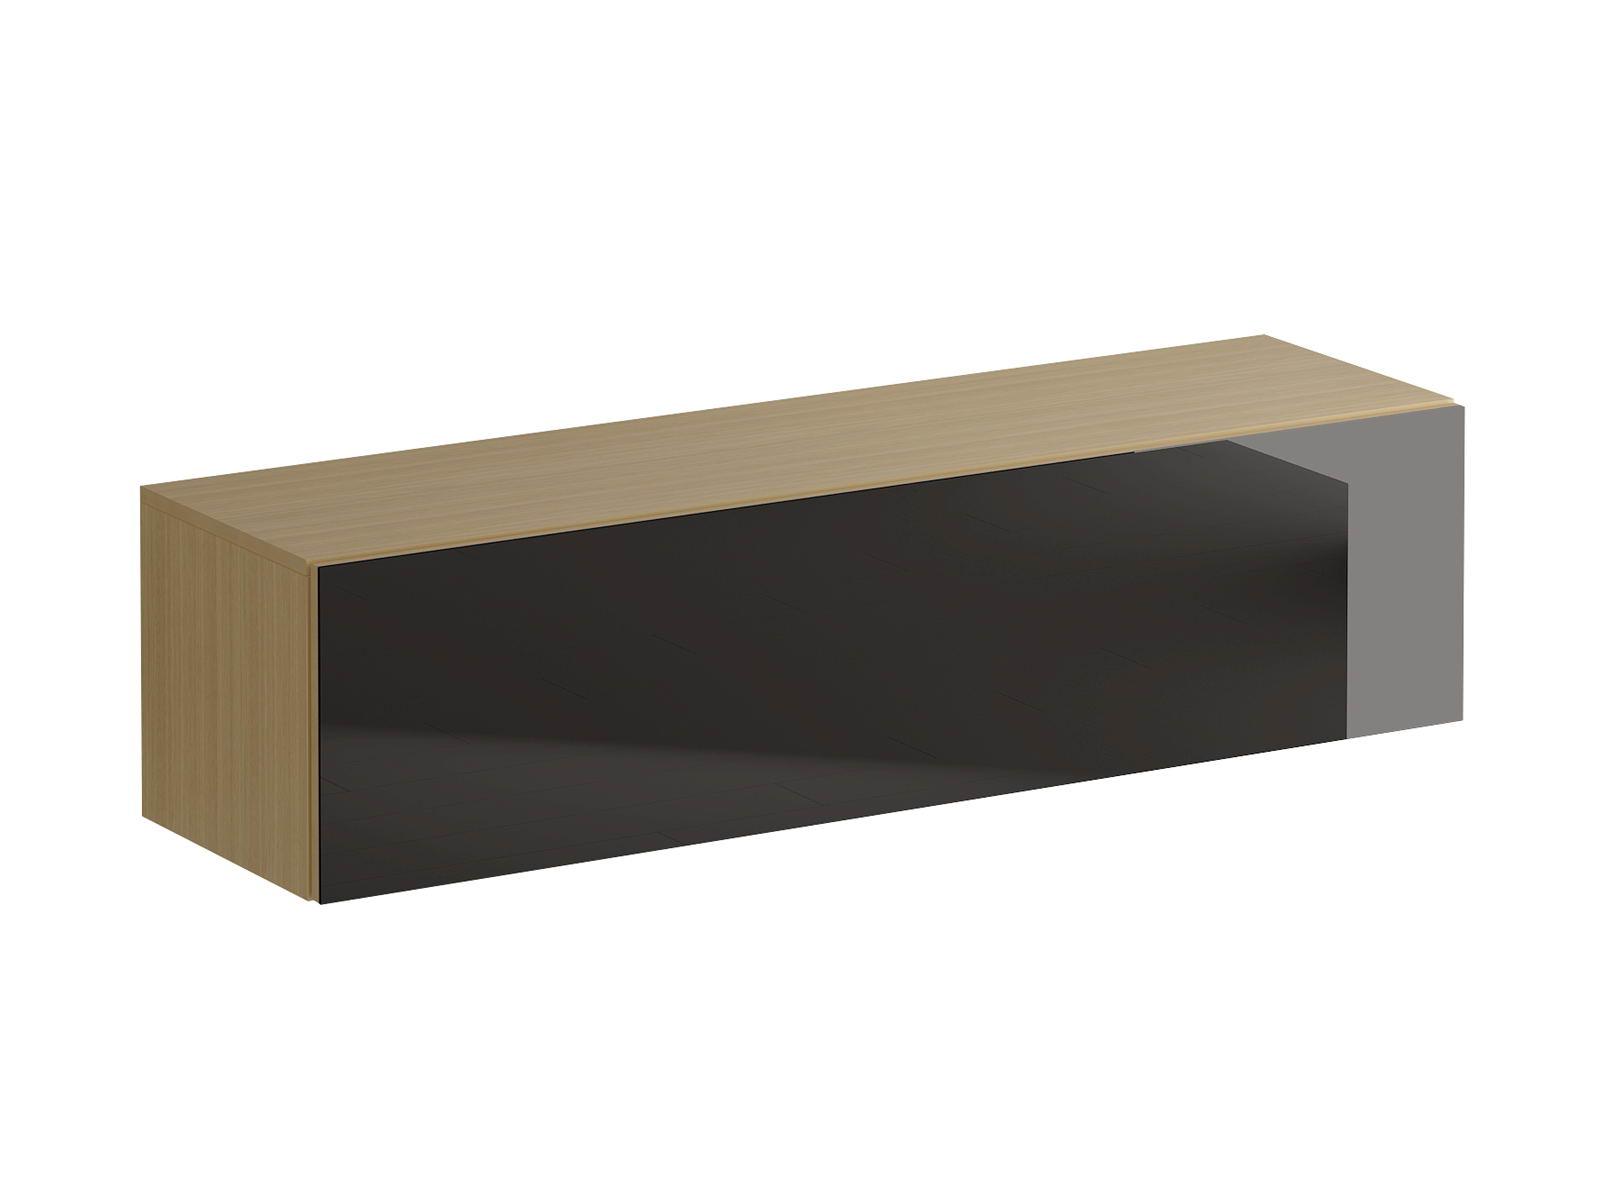 Шкаф навесной GustoШкафы<br>Шкаф имеет два отделения, образованные вертикальной перегородкой. Откидная дверь открывается по принципу «нажал-открыл». Задняя стенка белого цвета.<br>